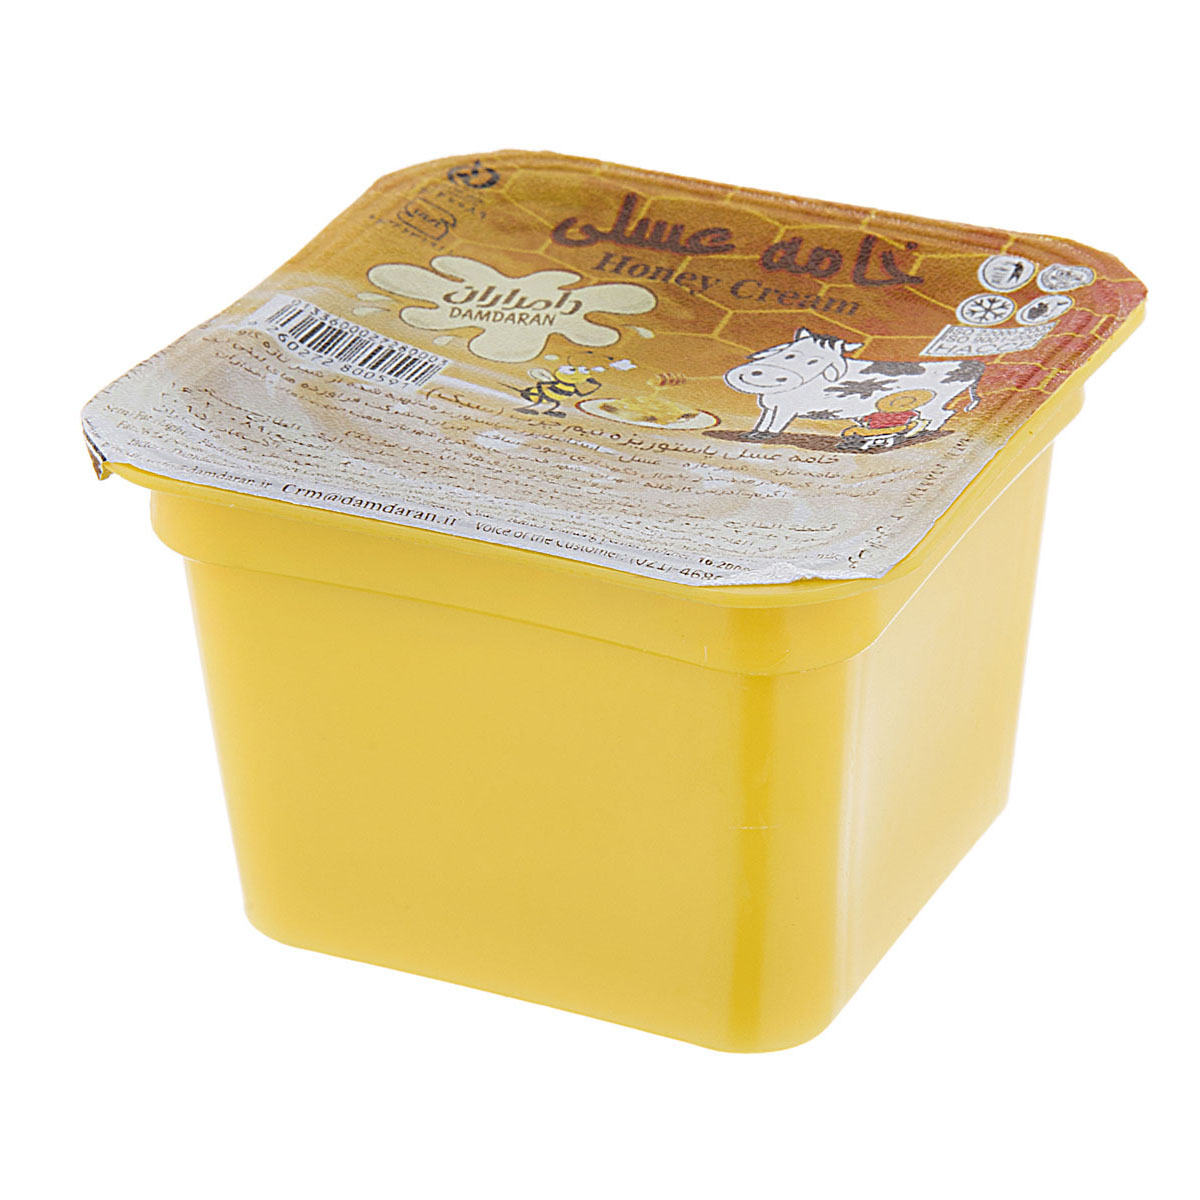 خامه پاستوریزه عسلی ظرف پلی استایرنی 100 گرمی دامداران